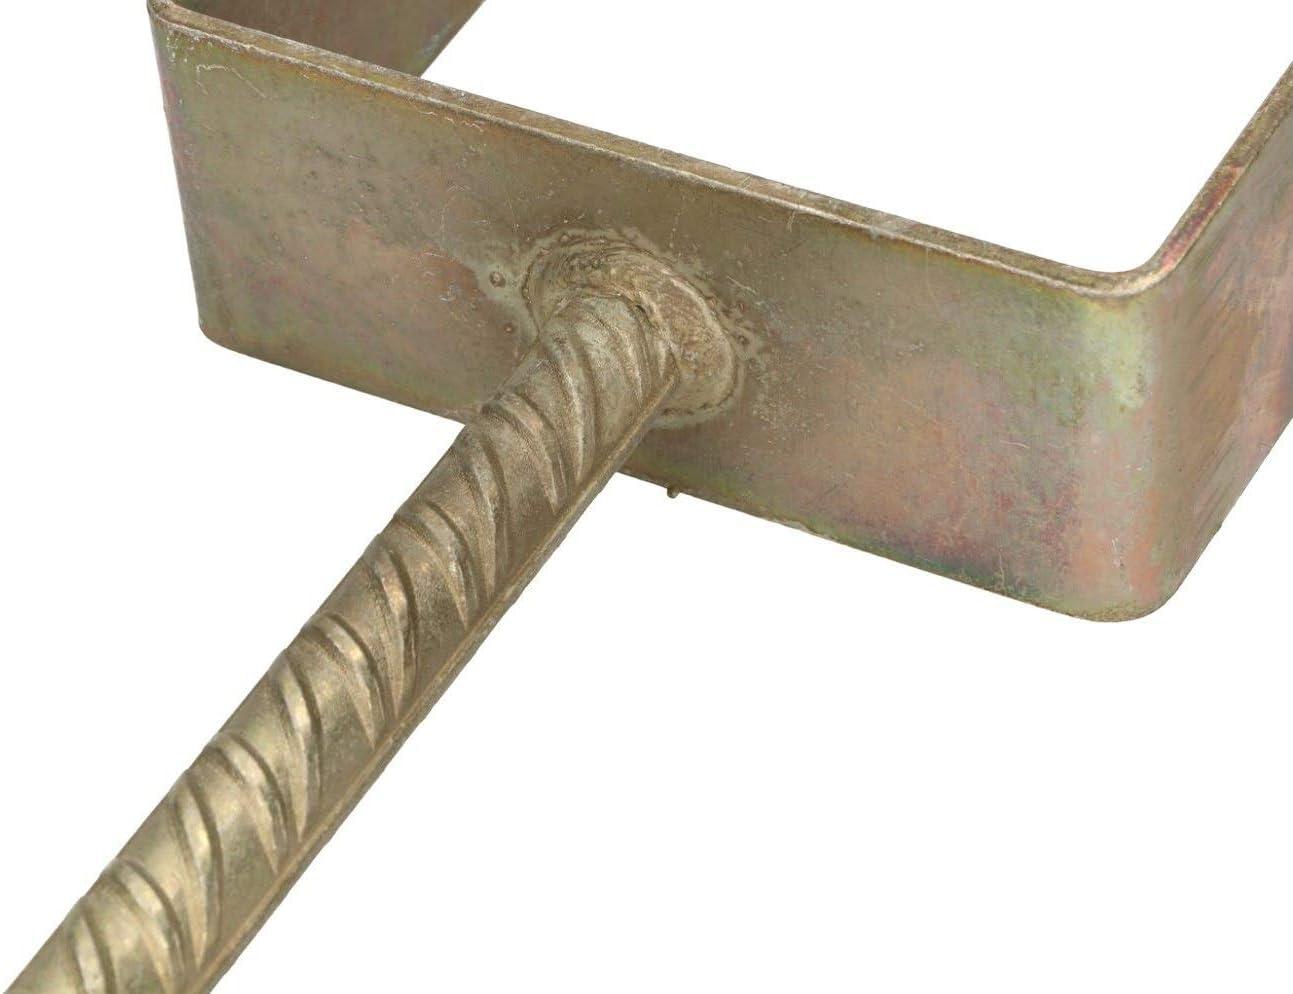 KOTARBAU/® U 161 mm Riffelstahl Mit Betonanker Feuerverzinkt Steindolle Fest Bodenh/ülse Anker Stahl Pfostentr/äger 151 mm Alle Gr/ö/ßen Lichte Breite 51 mm